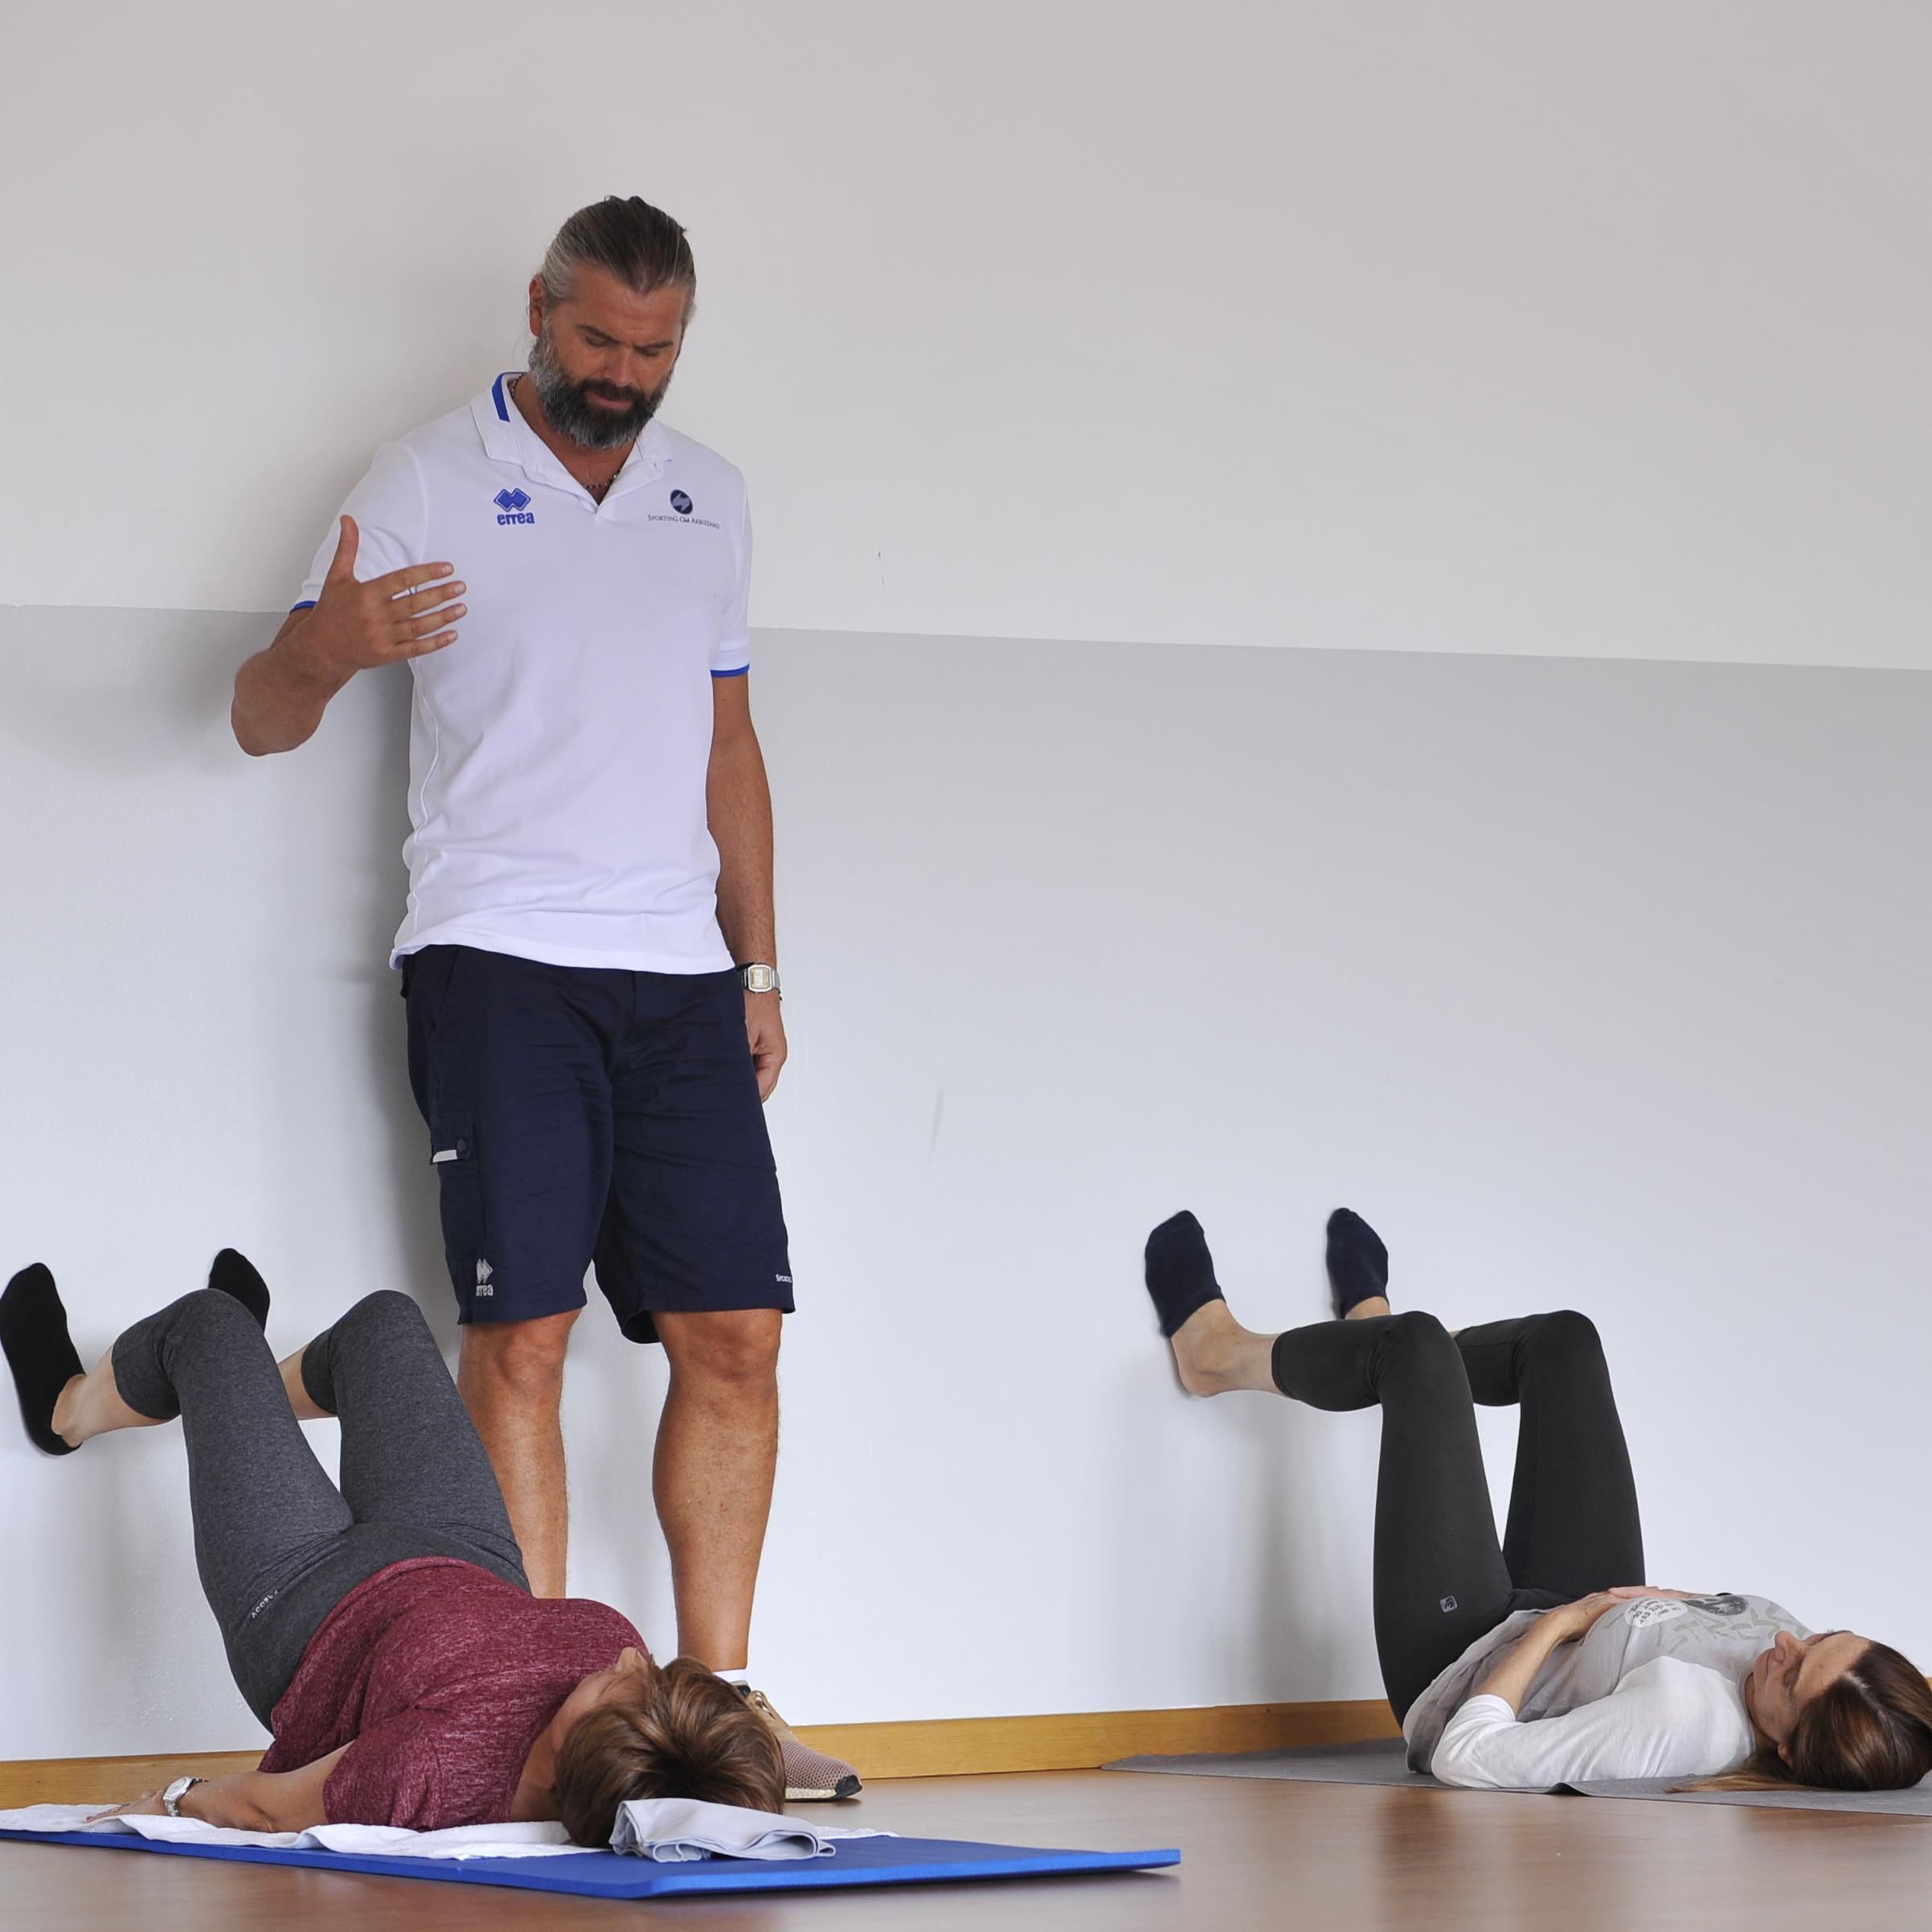 Armonia - Le disarmonie del corpo sono segnali che indicano momenti di vita quotidiana in resistenza.Armonia significa ridonare spazio al movimento e non solo.